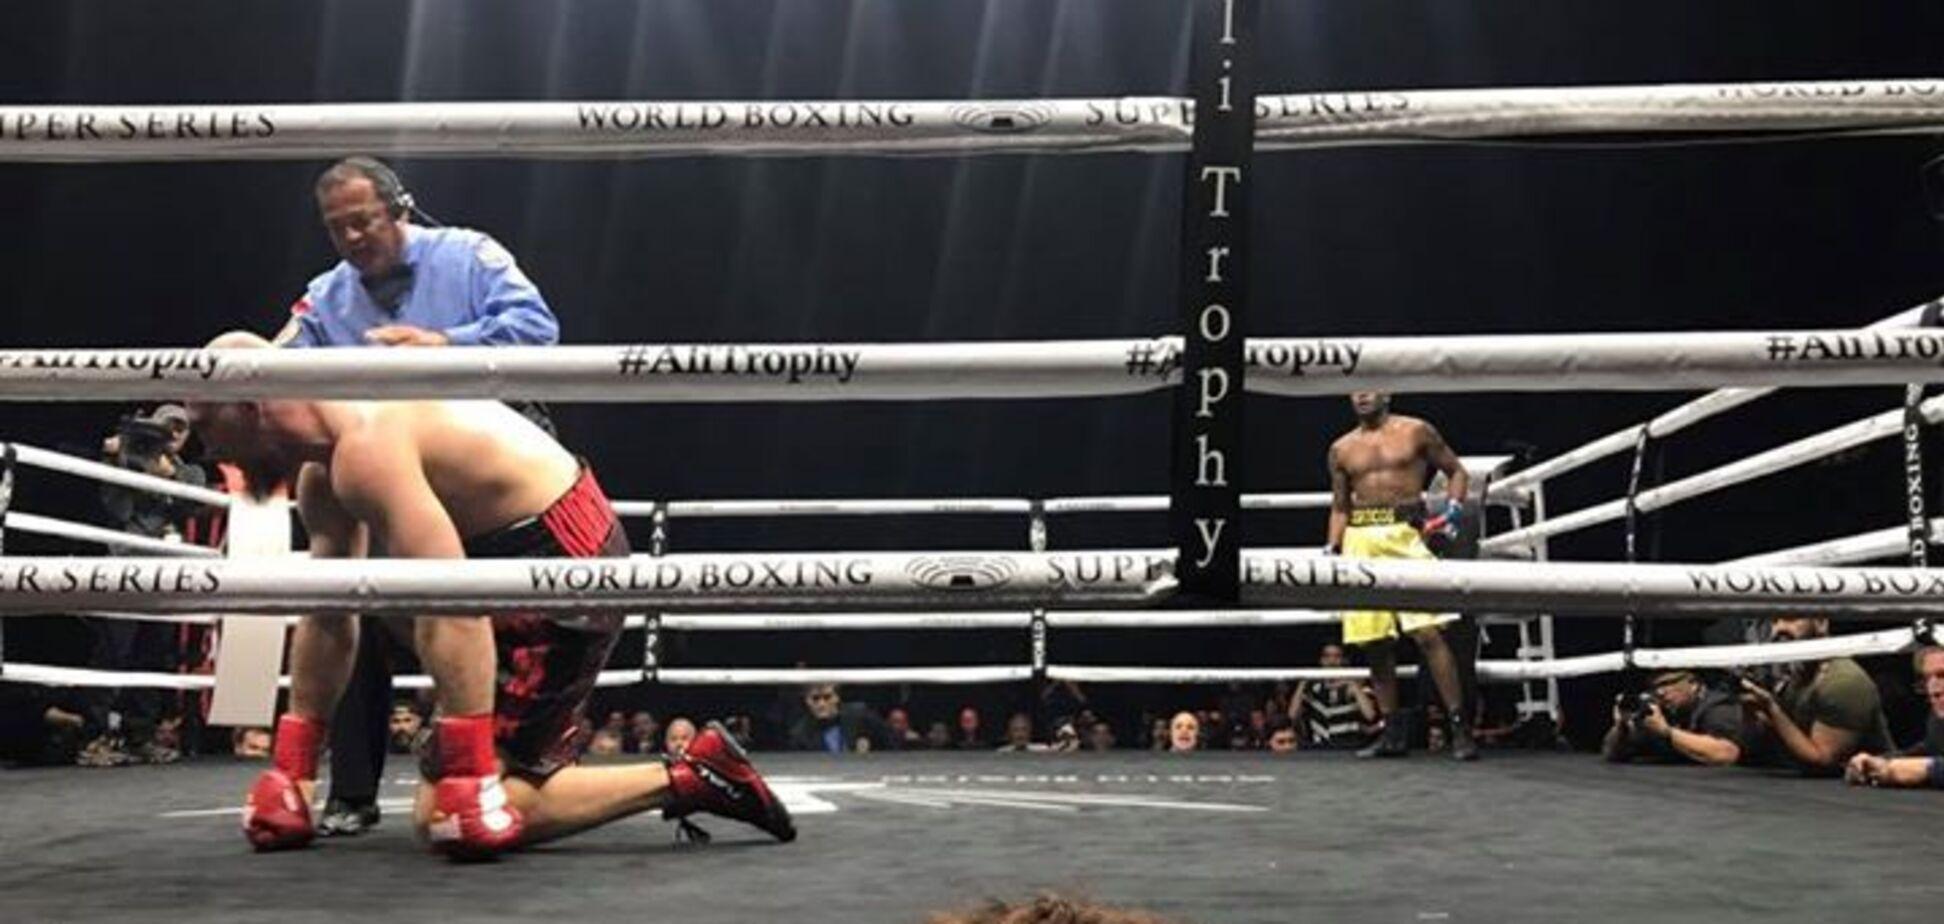 Российского боксера отправили в тяжелейший нокаут в четвертьфинале Всемирной суперсерии бокса: опубликовано видео